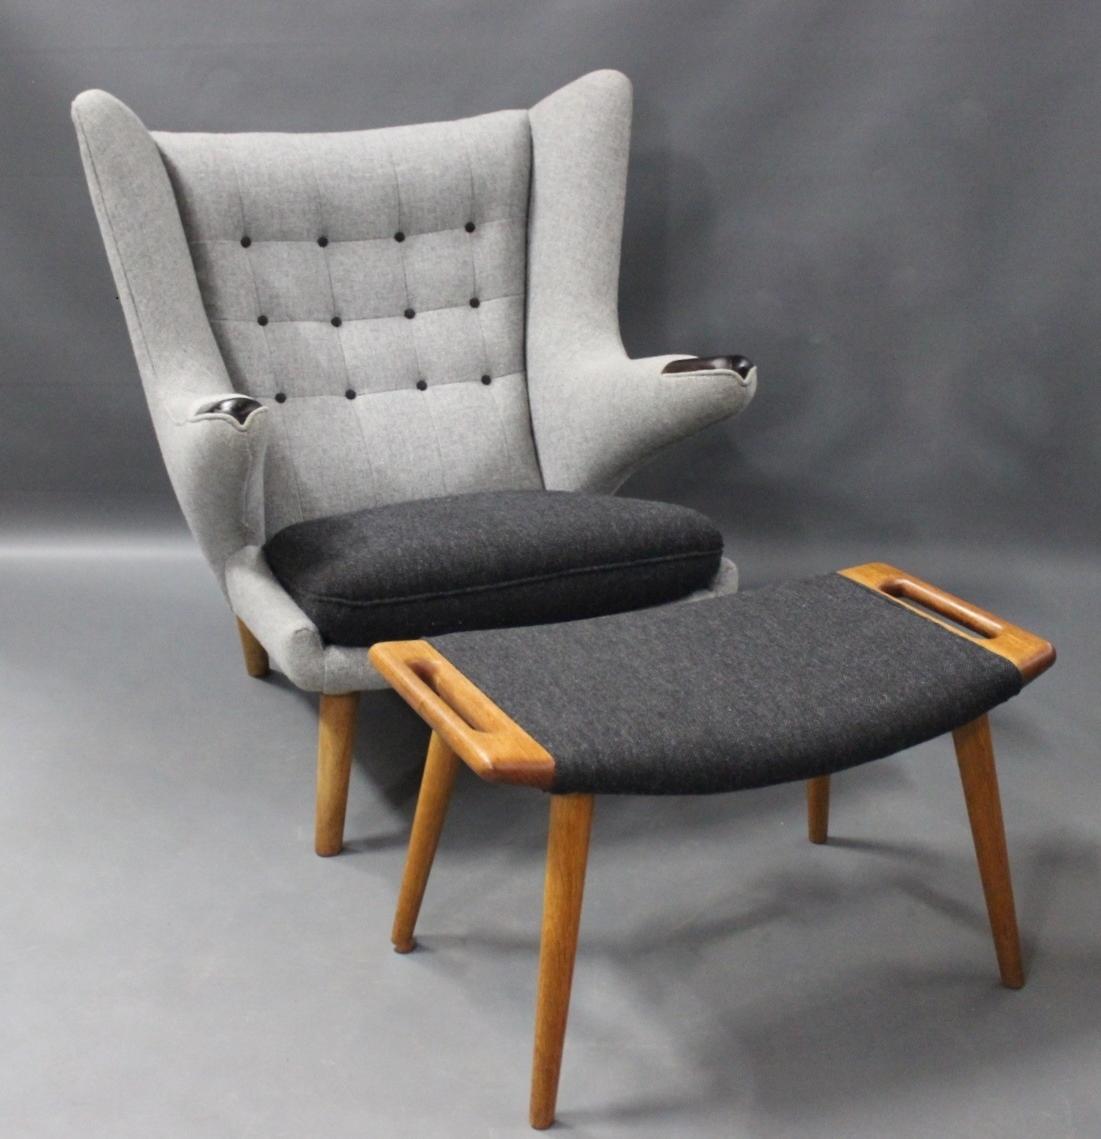 bamsestol .Antikvitet.  Bamsestol, Model AP 19, samt skammel, model  bamsestol